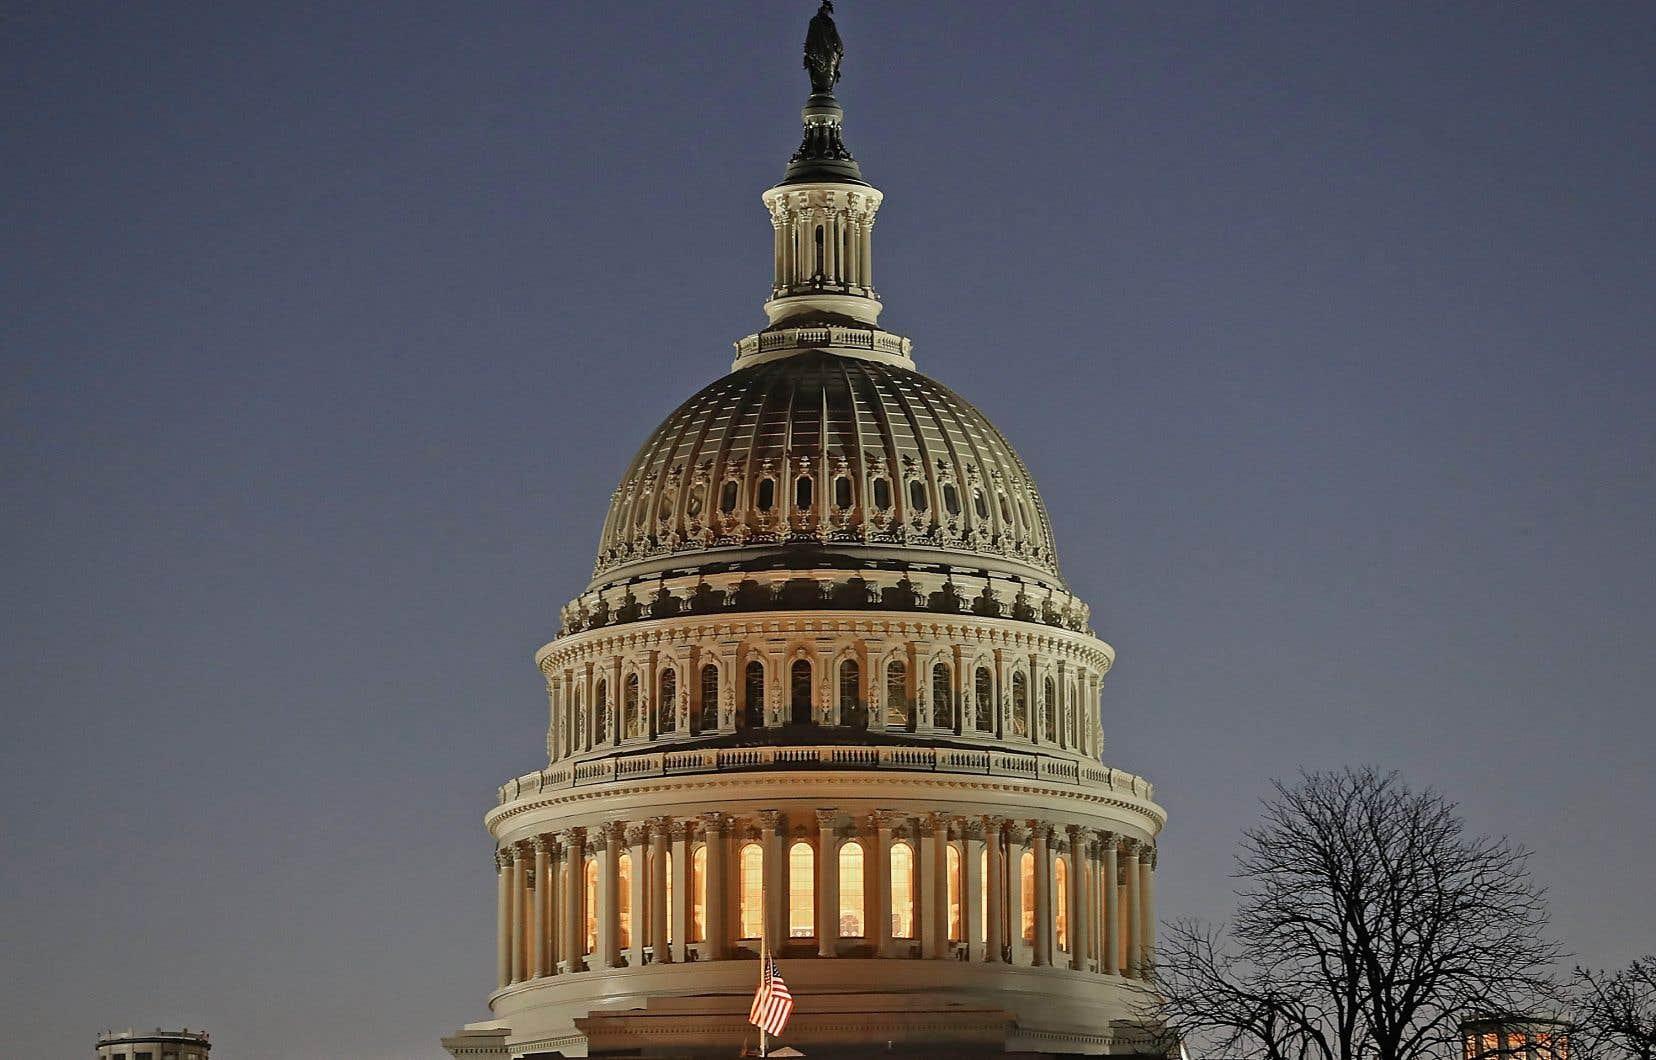 Vue du Capitole alors que l'appareil administratif était partiellement paralysé dimanche, à Washington